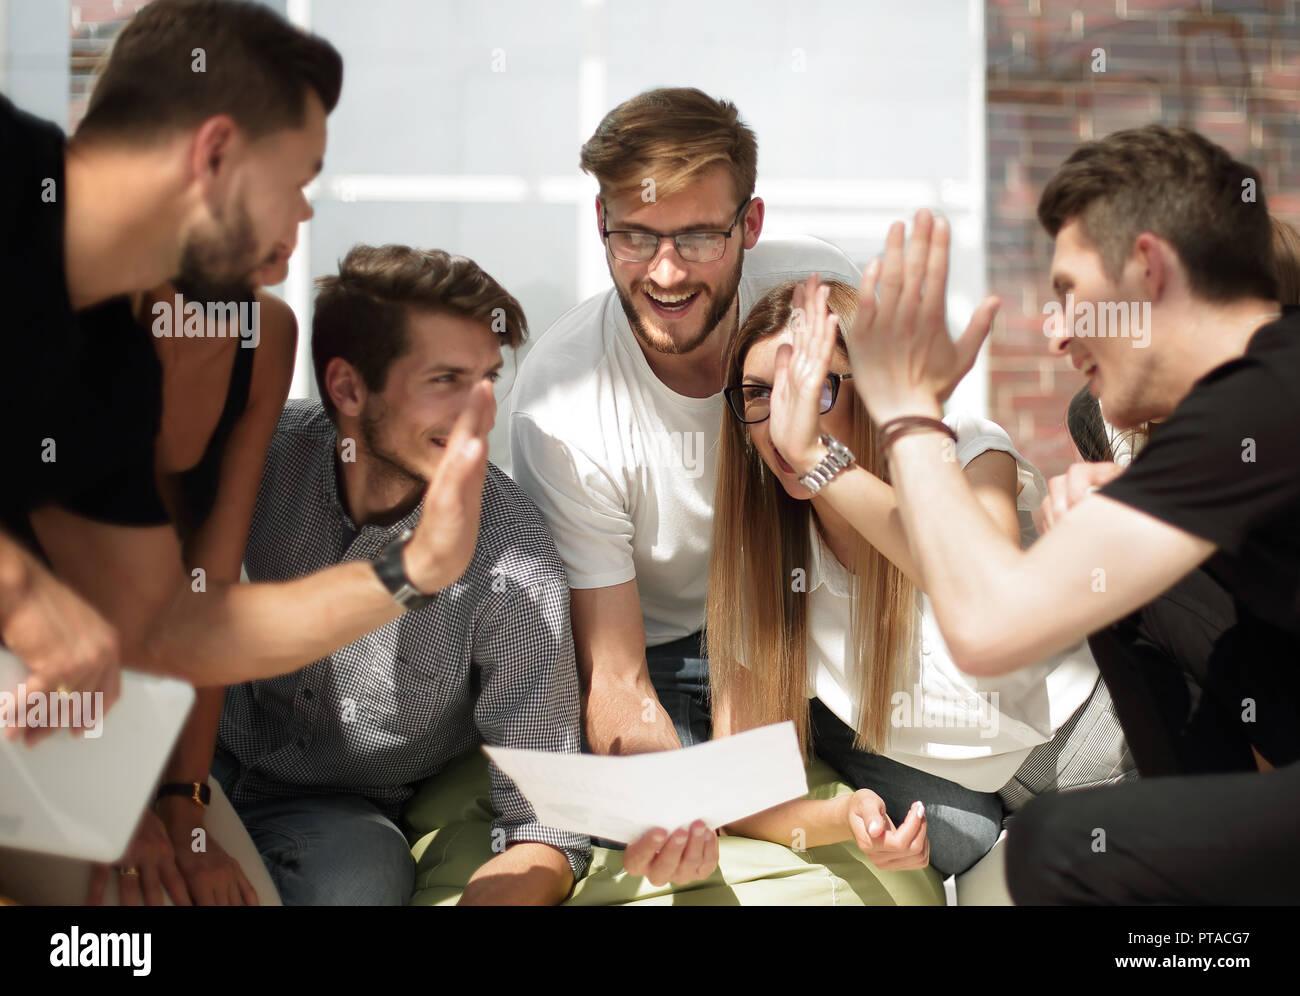 Giovani imprenditori dando a ogni altro un alto cinque in occasione di un incontro informale Immagini Stock